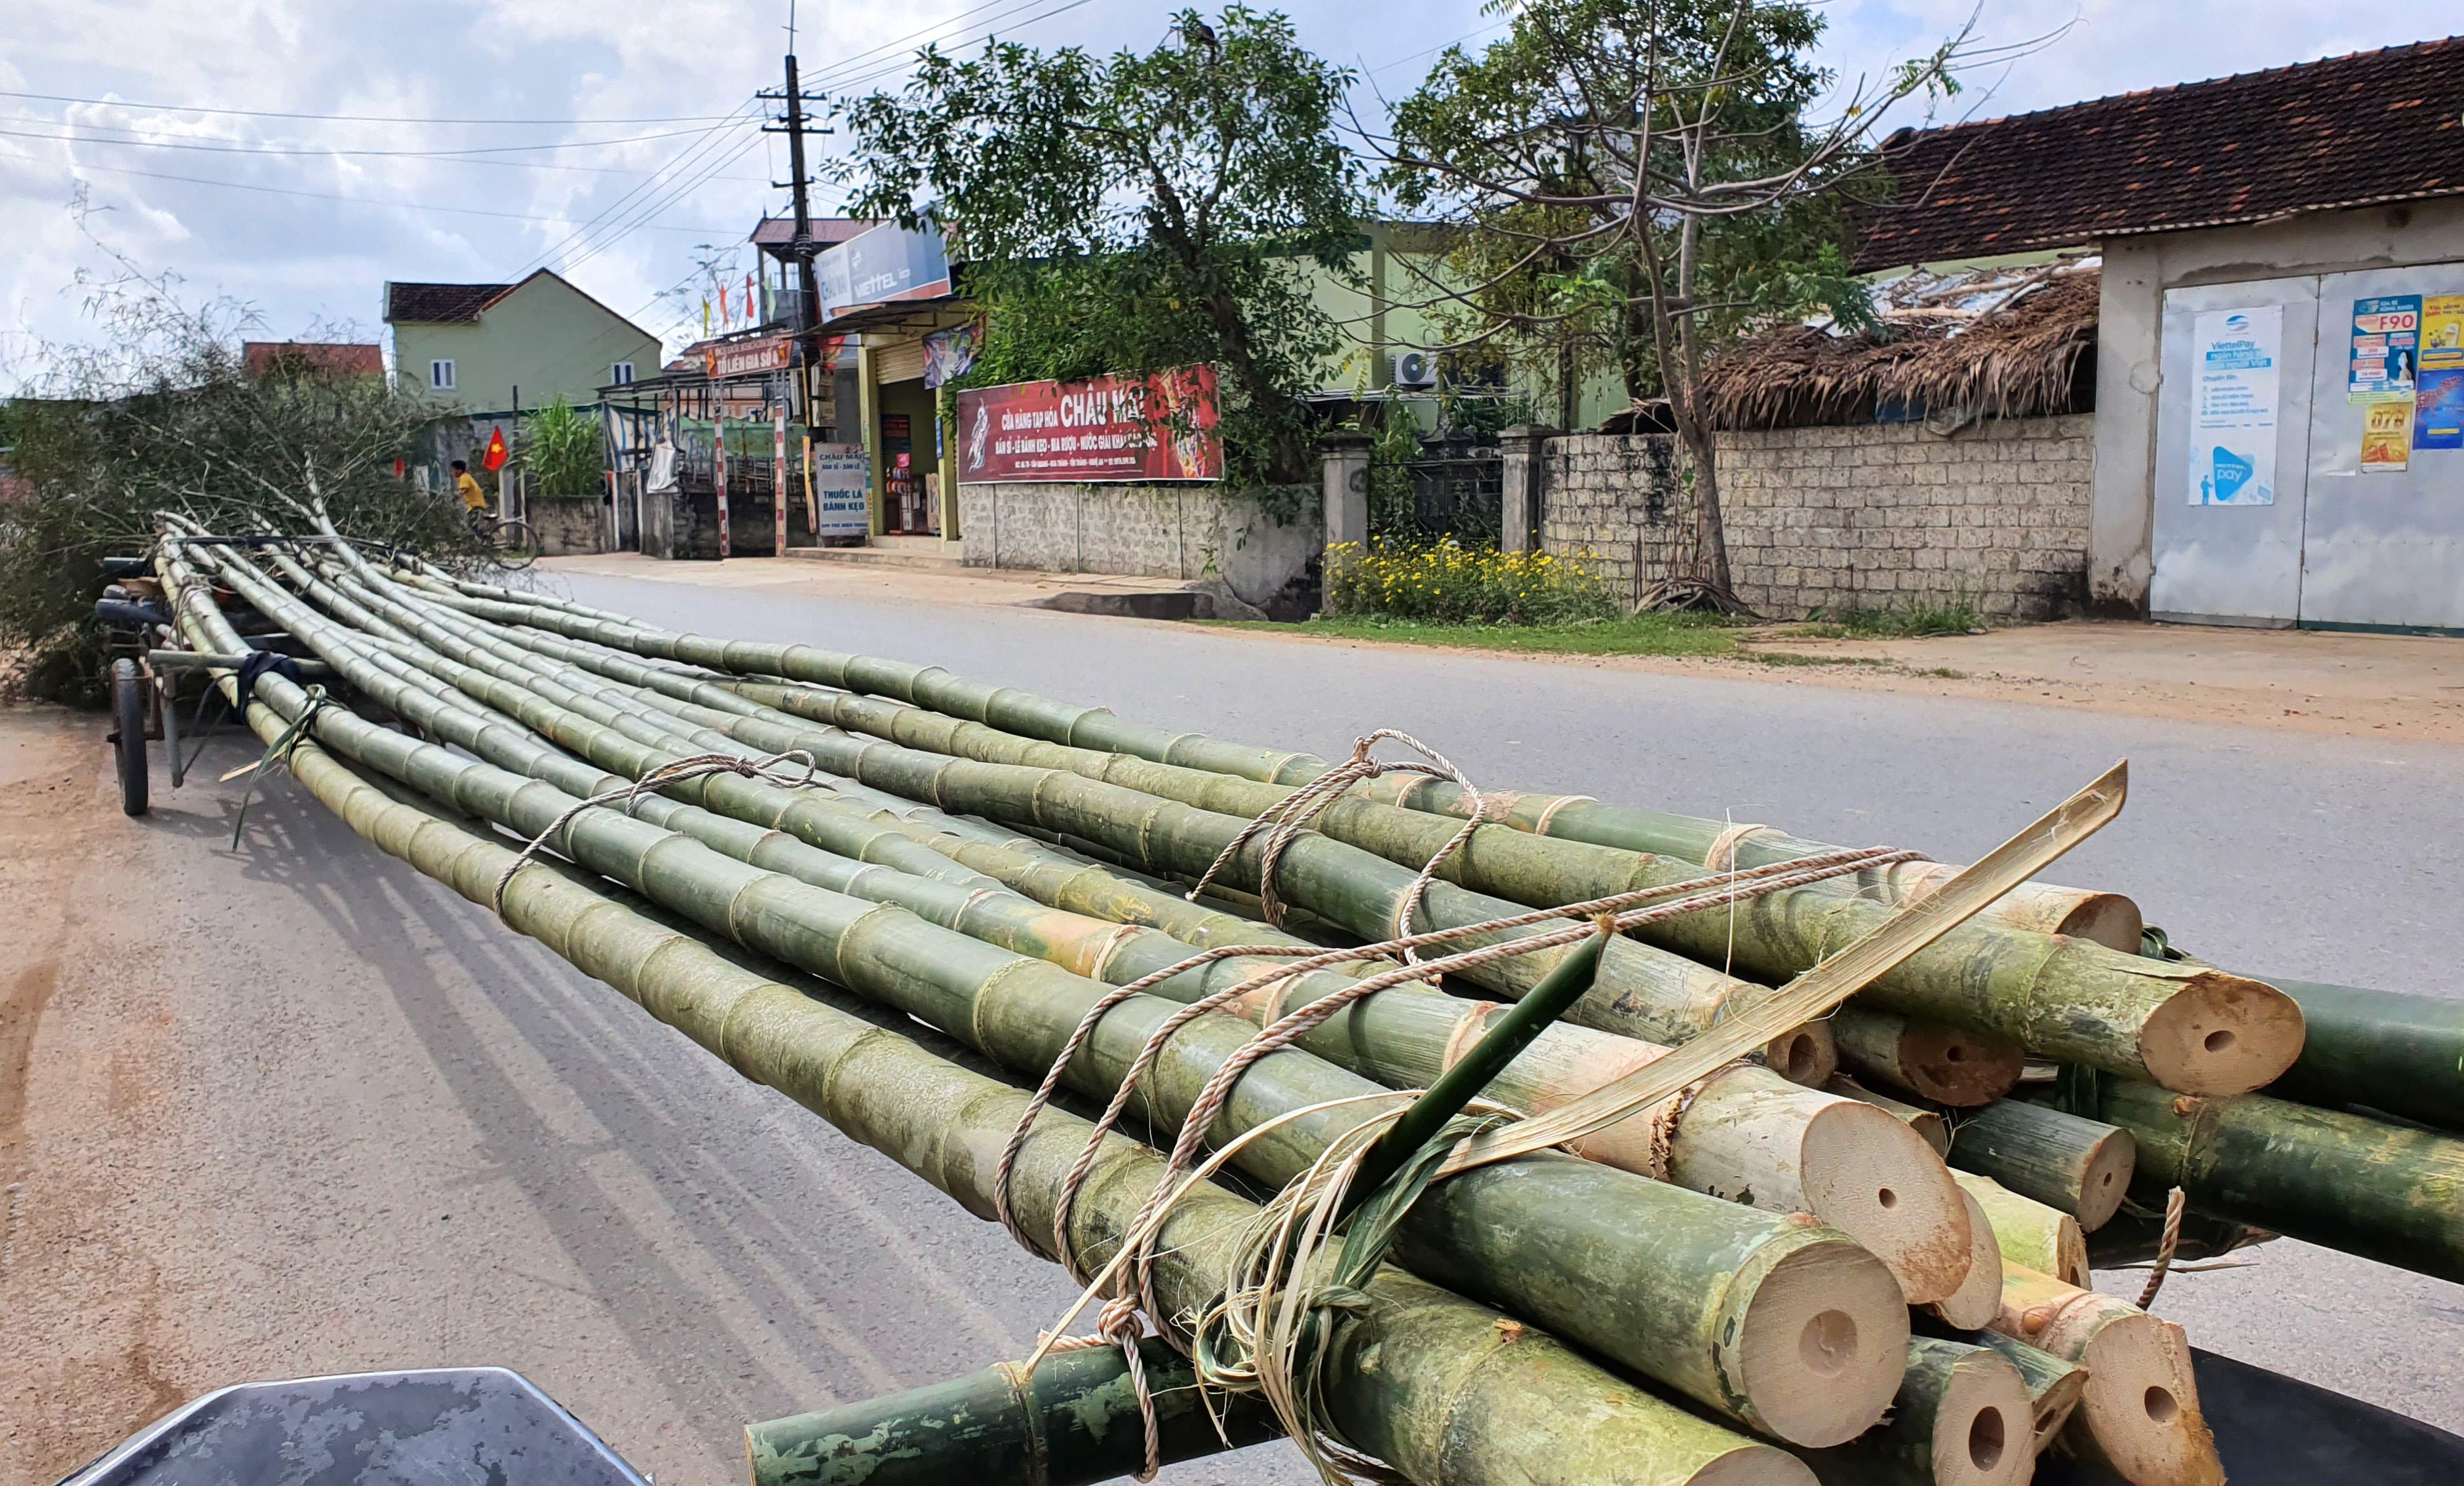 Những cây tre già, thẳng và cao từ 10-15m được chọn lựa làm cây nêu